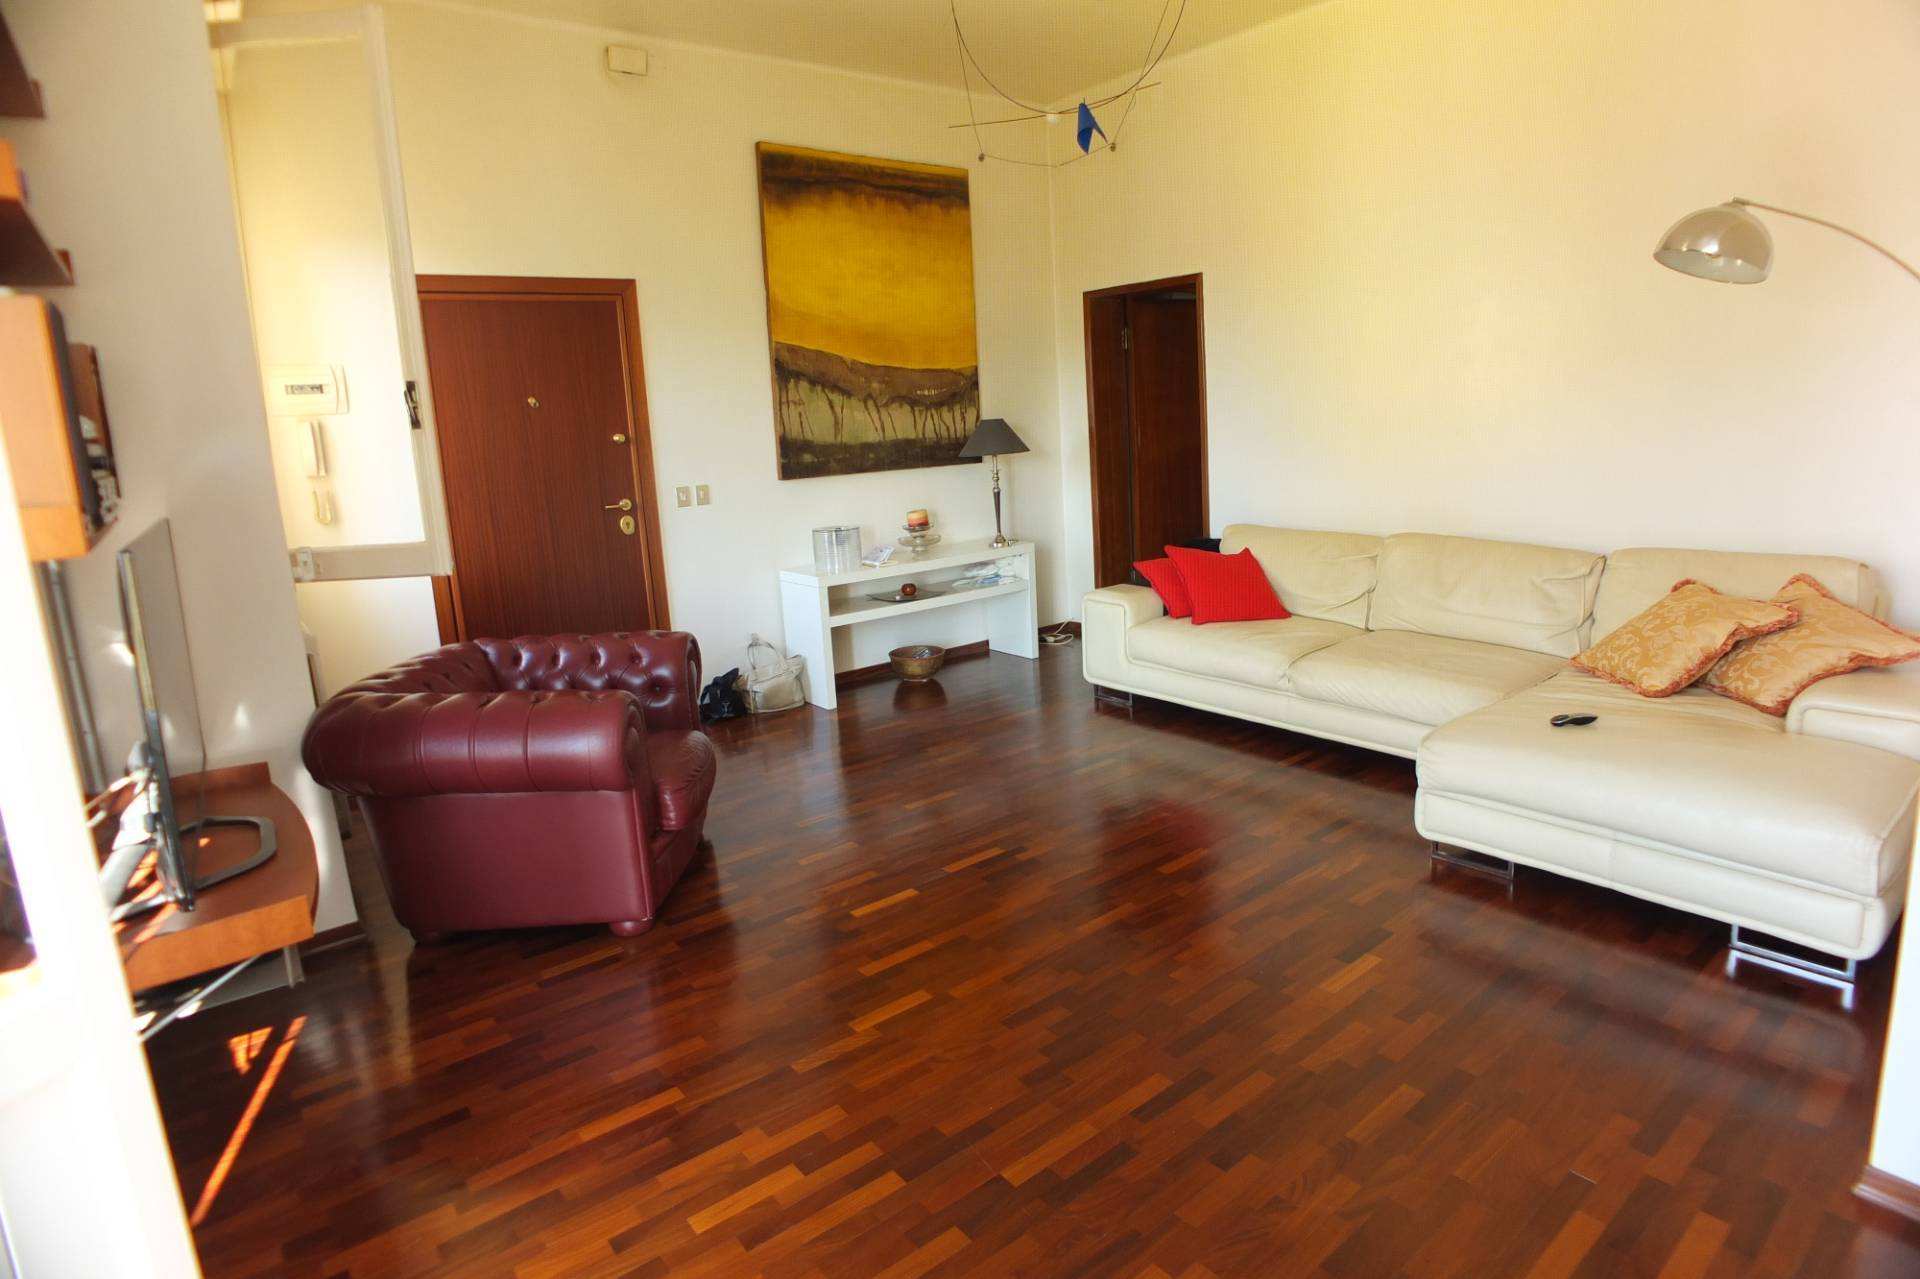 Attico / Mansarda in vendita a Pesaro, 4 locali, zona Località: CentroMare, prezzo € 230.000 | PortaleAgenzieImmobiliari.it